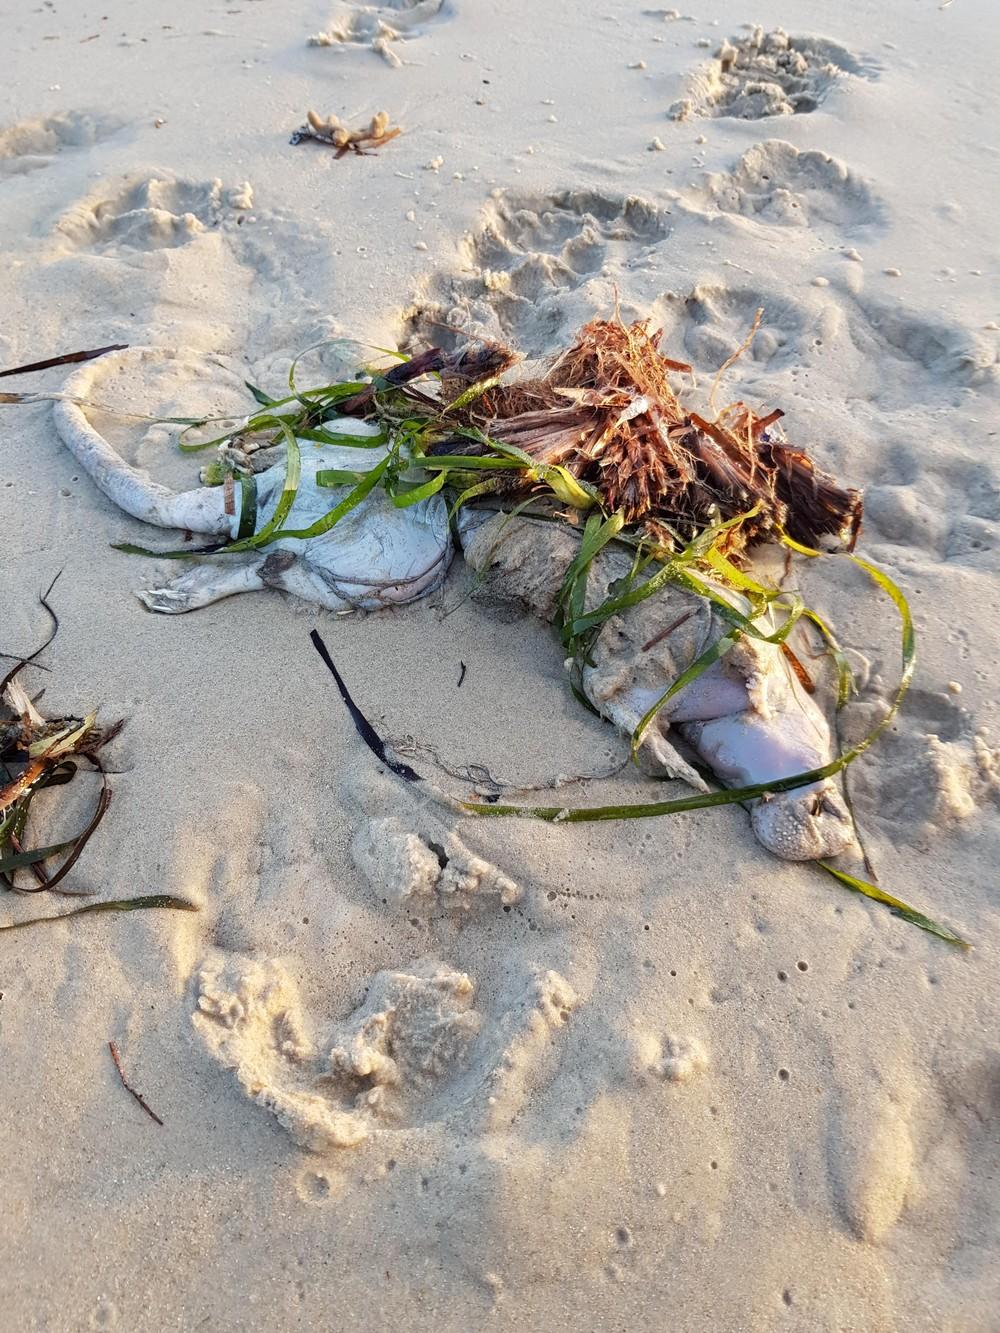 Странное существо нашли собаки на пляже в Австралии